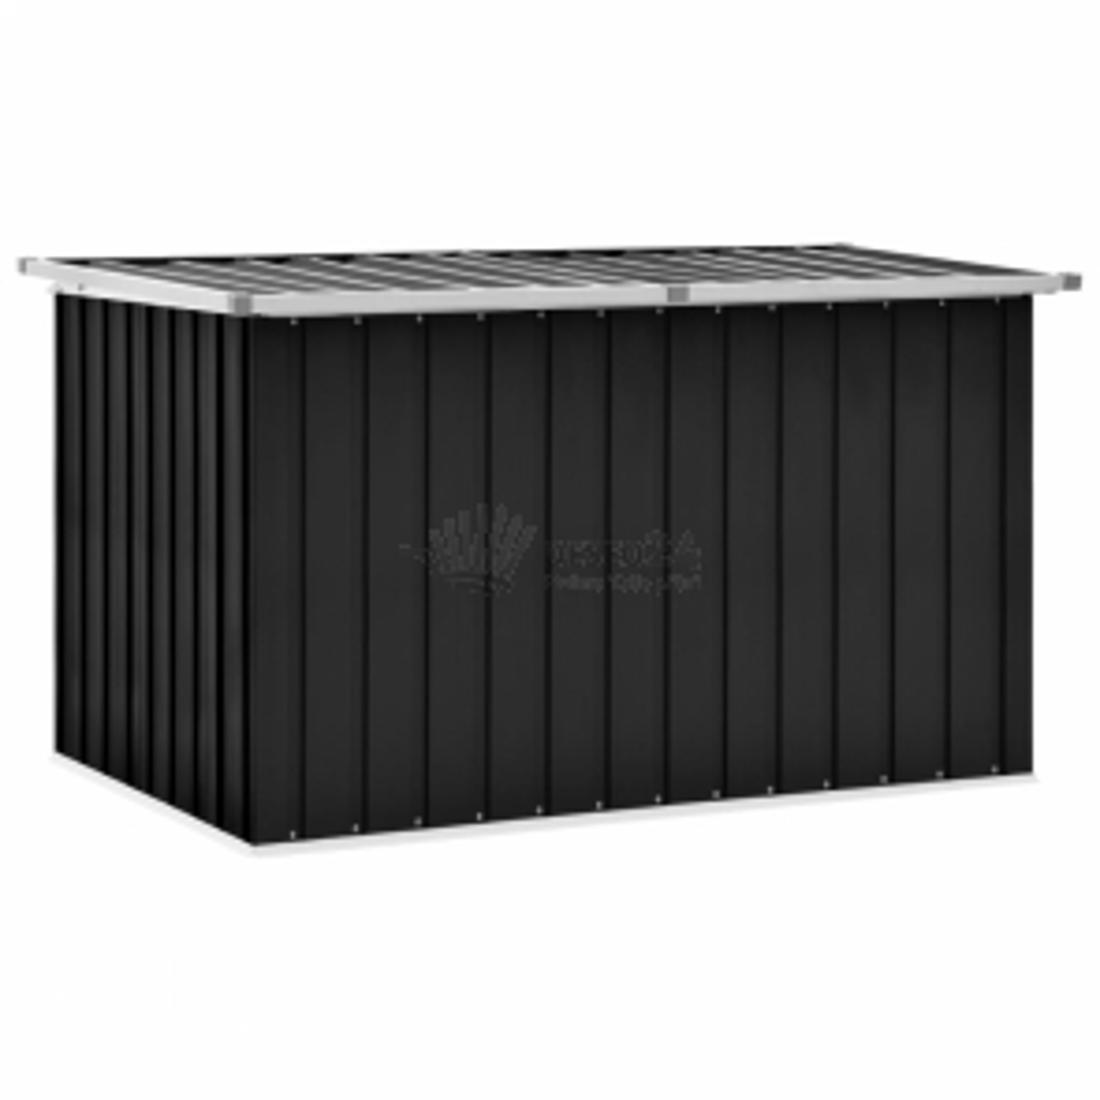 vidaXL Zahradní úložný box antracitový 149 x 99 x 93 cm [46267]